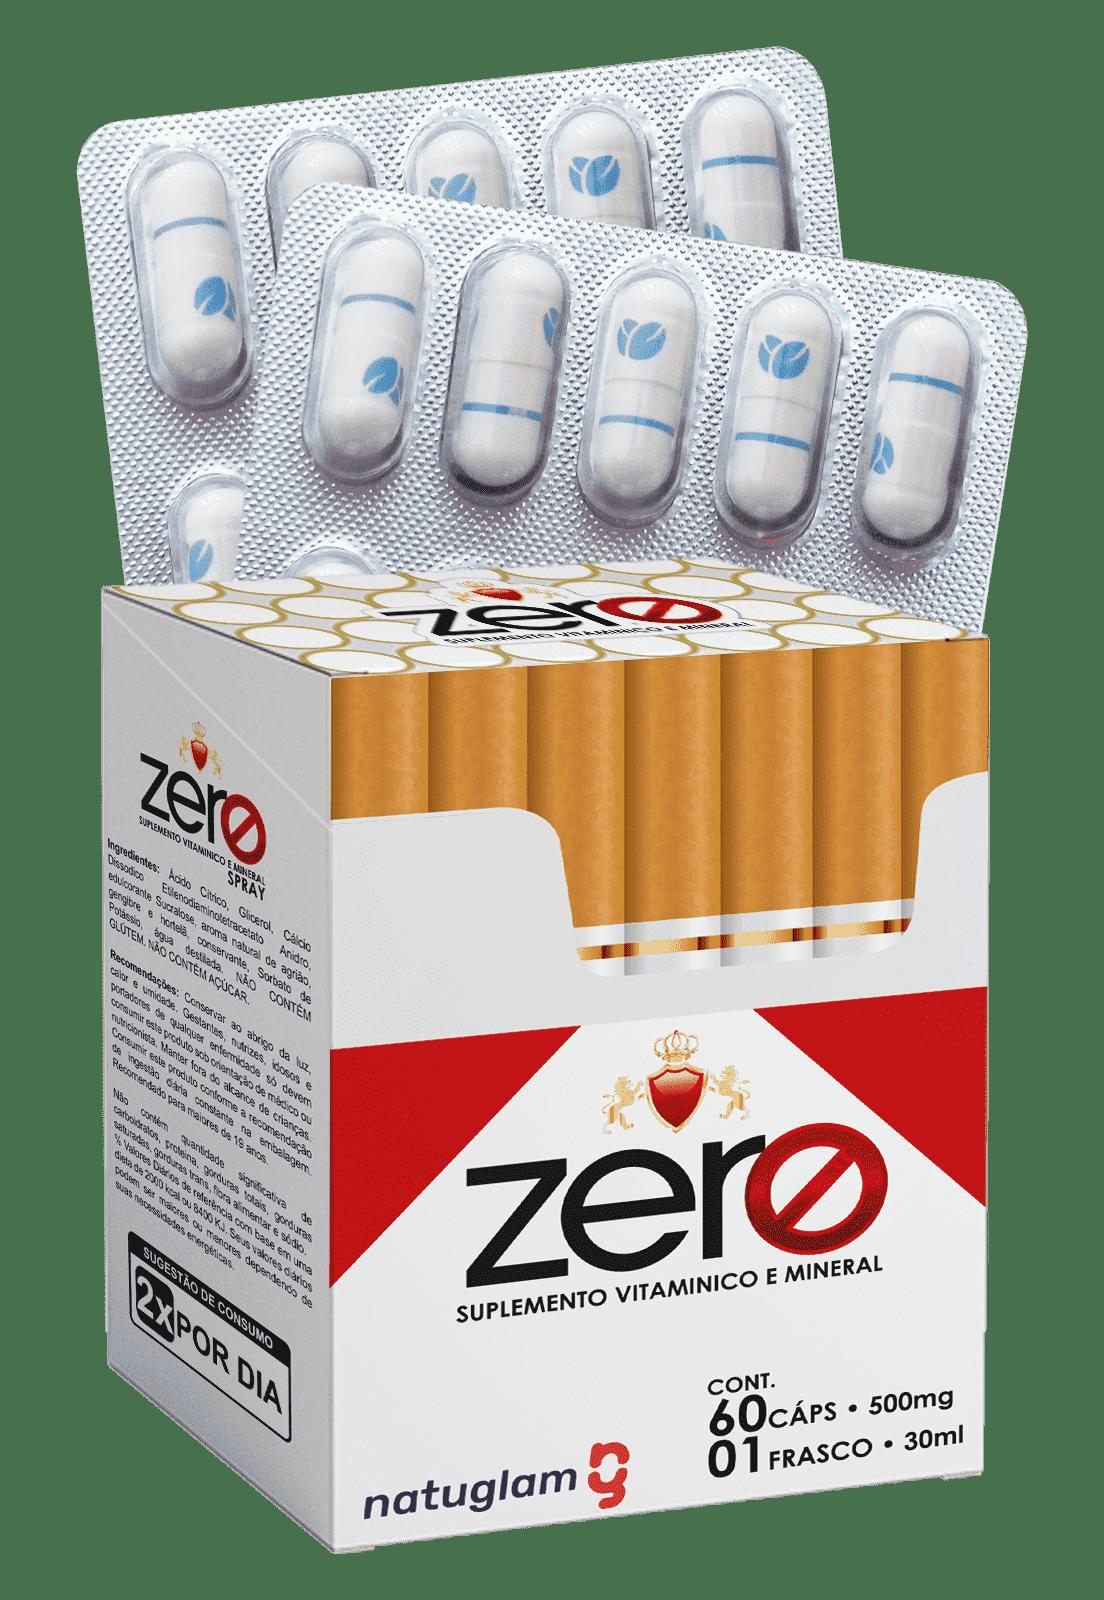 Zero Suplemento Vitamínico e Mineral (60 Cáps.) e 01 FRASCO (30ml).